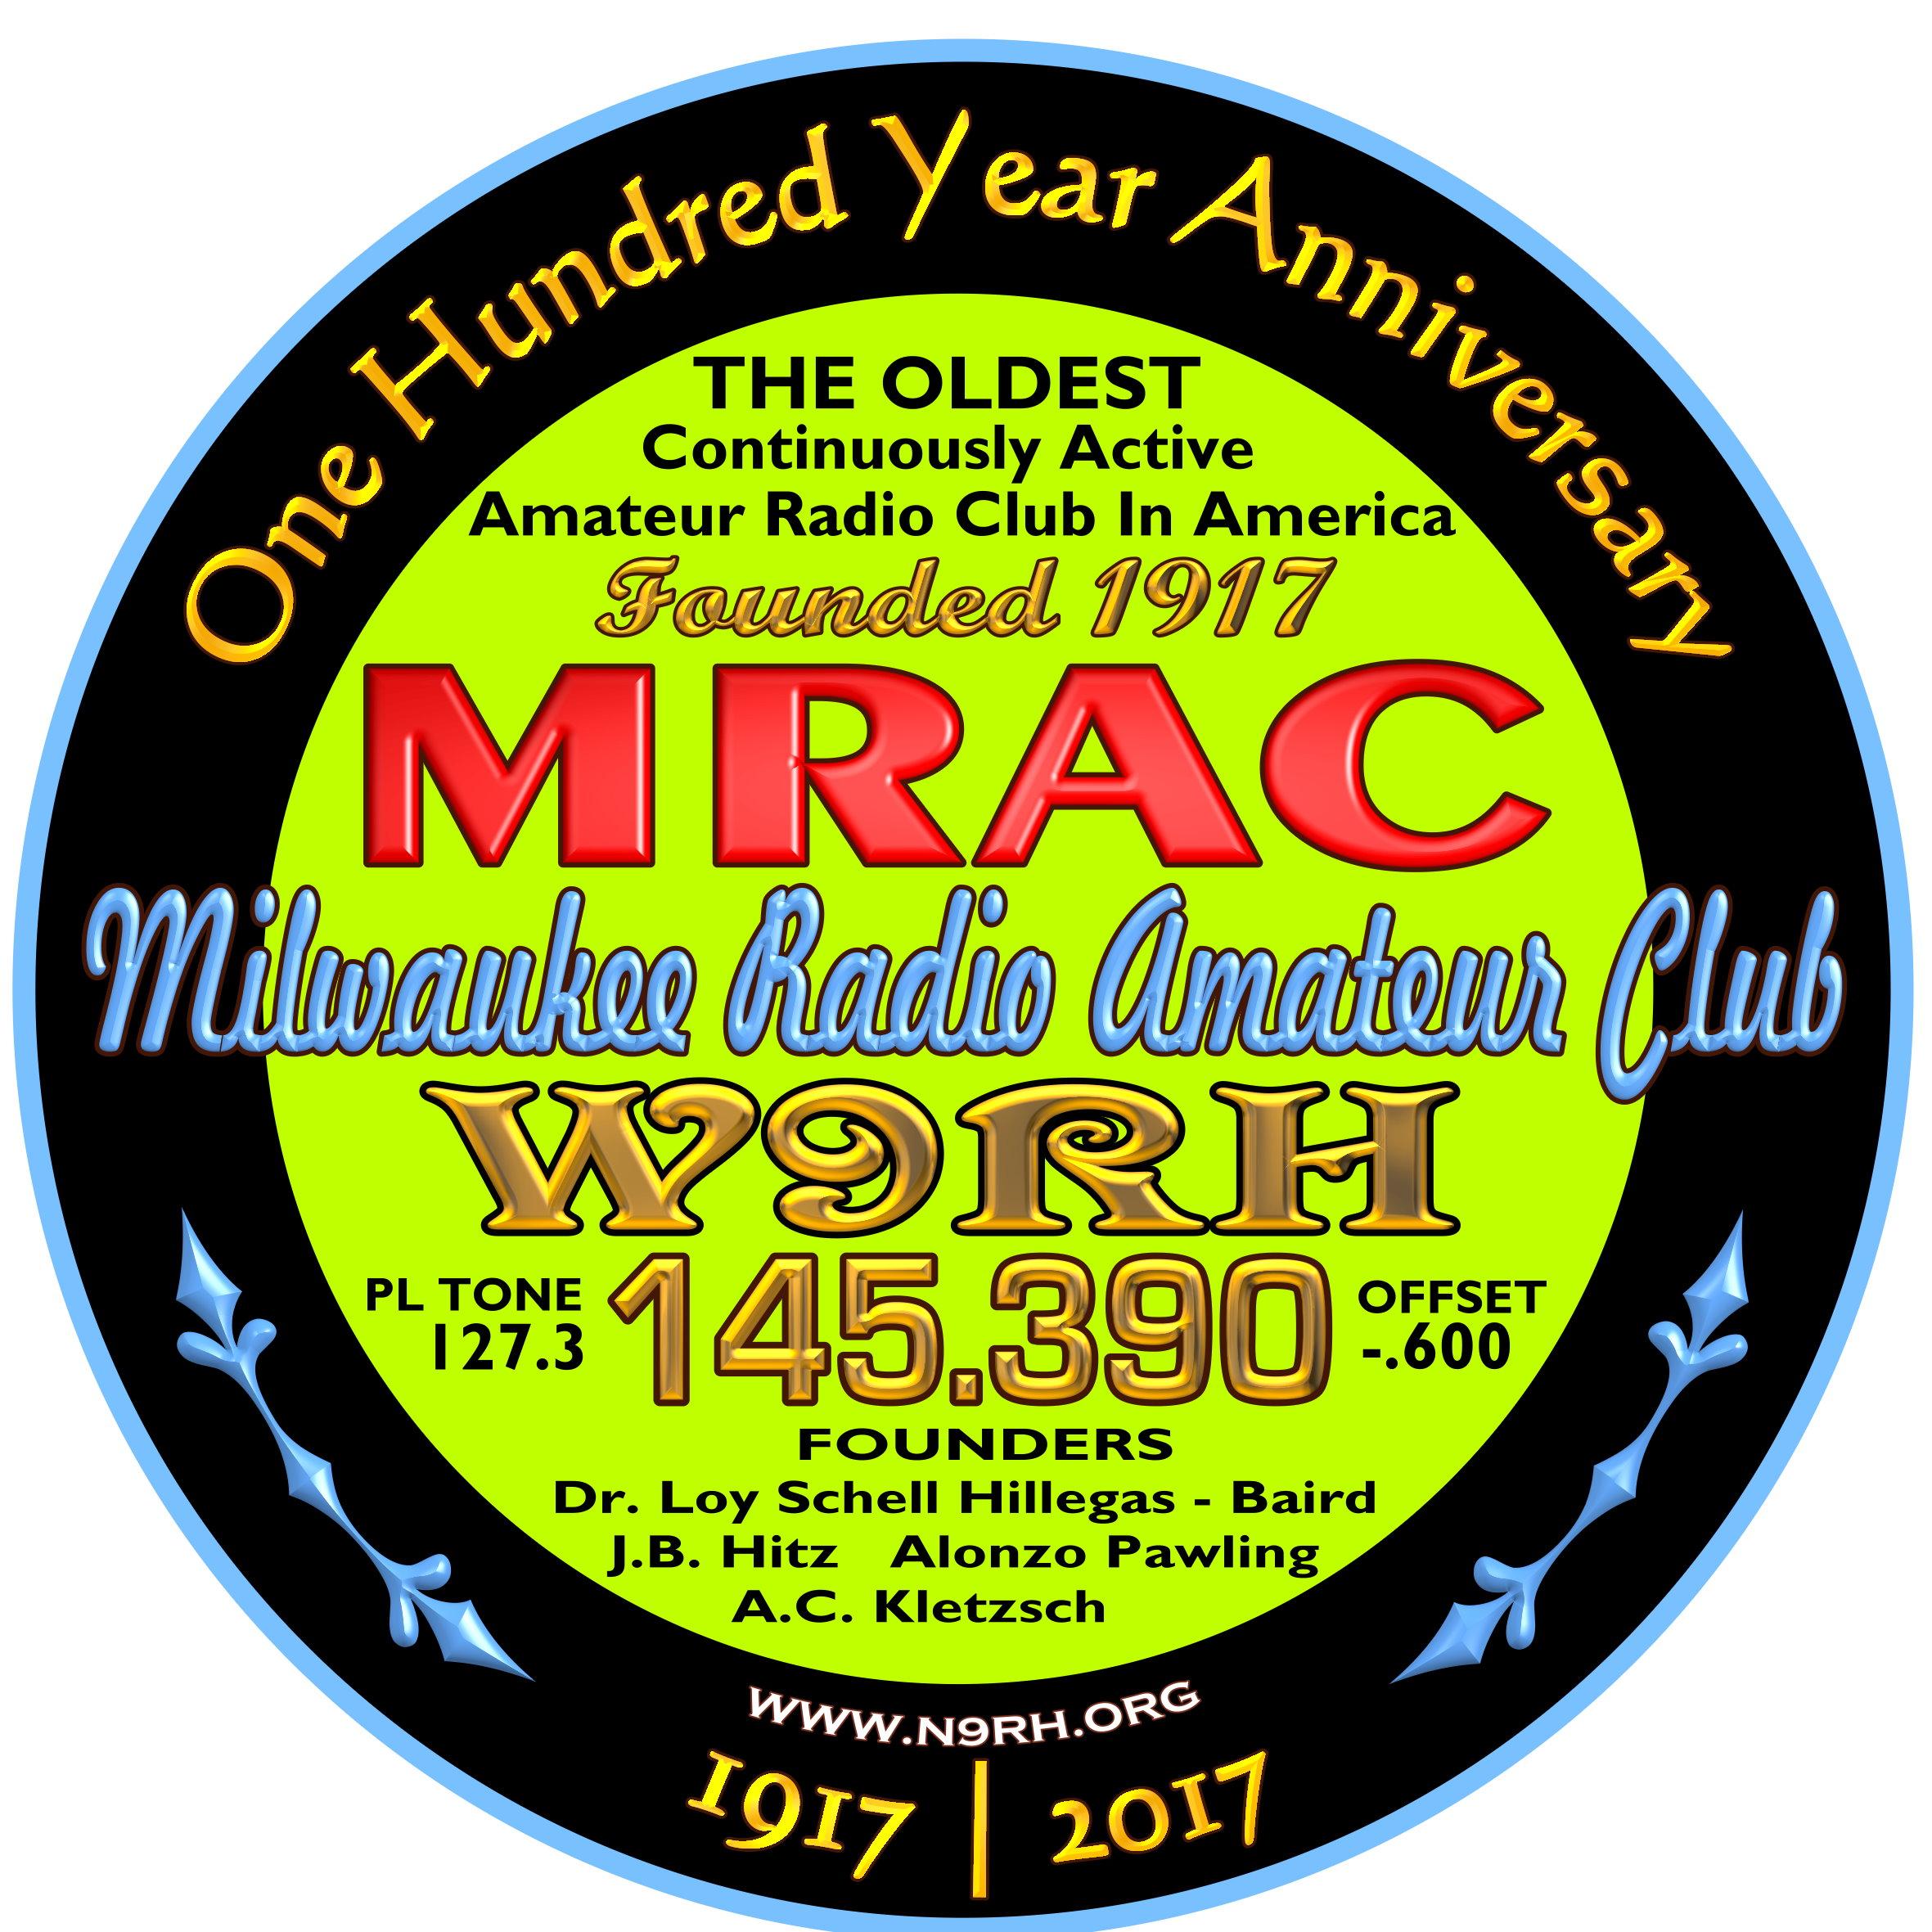 Milwaukee Radio Amateurs Club Inc W9RH One of